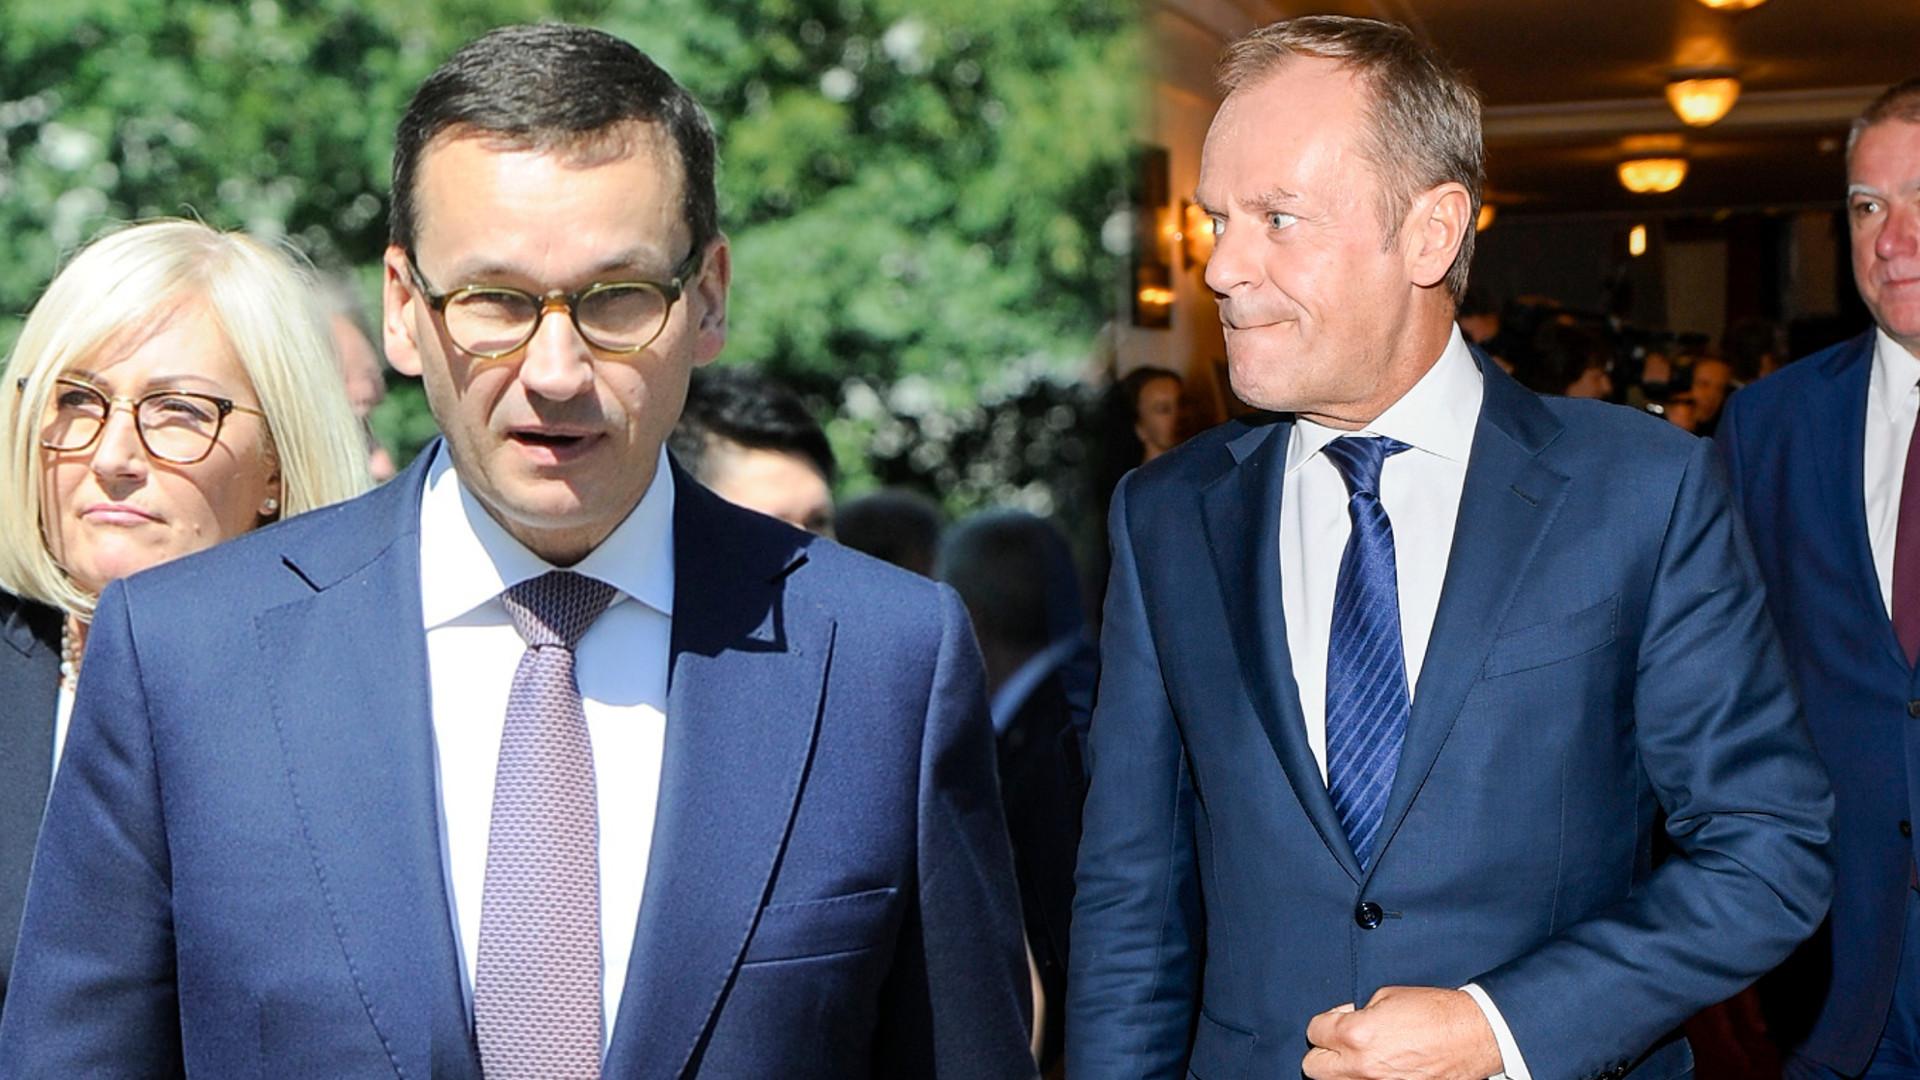 Ile wzrostu mają polscy politycy: Duda, Tusk, Morawiecki i inni